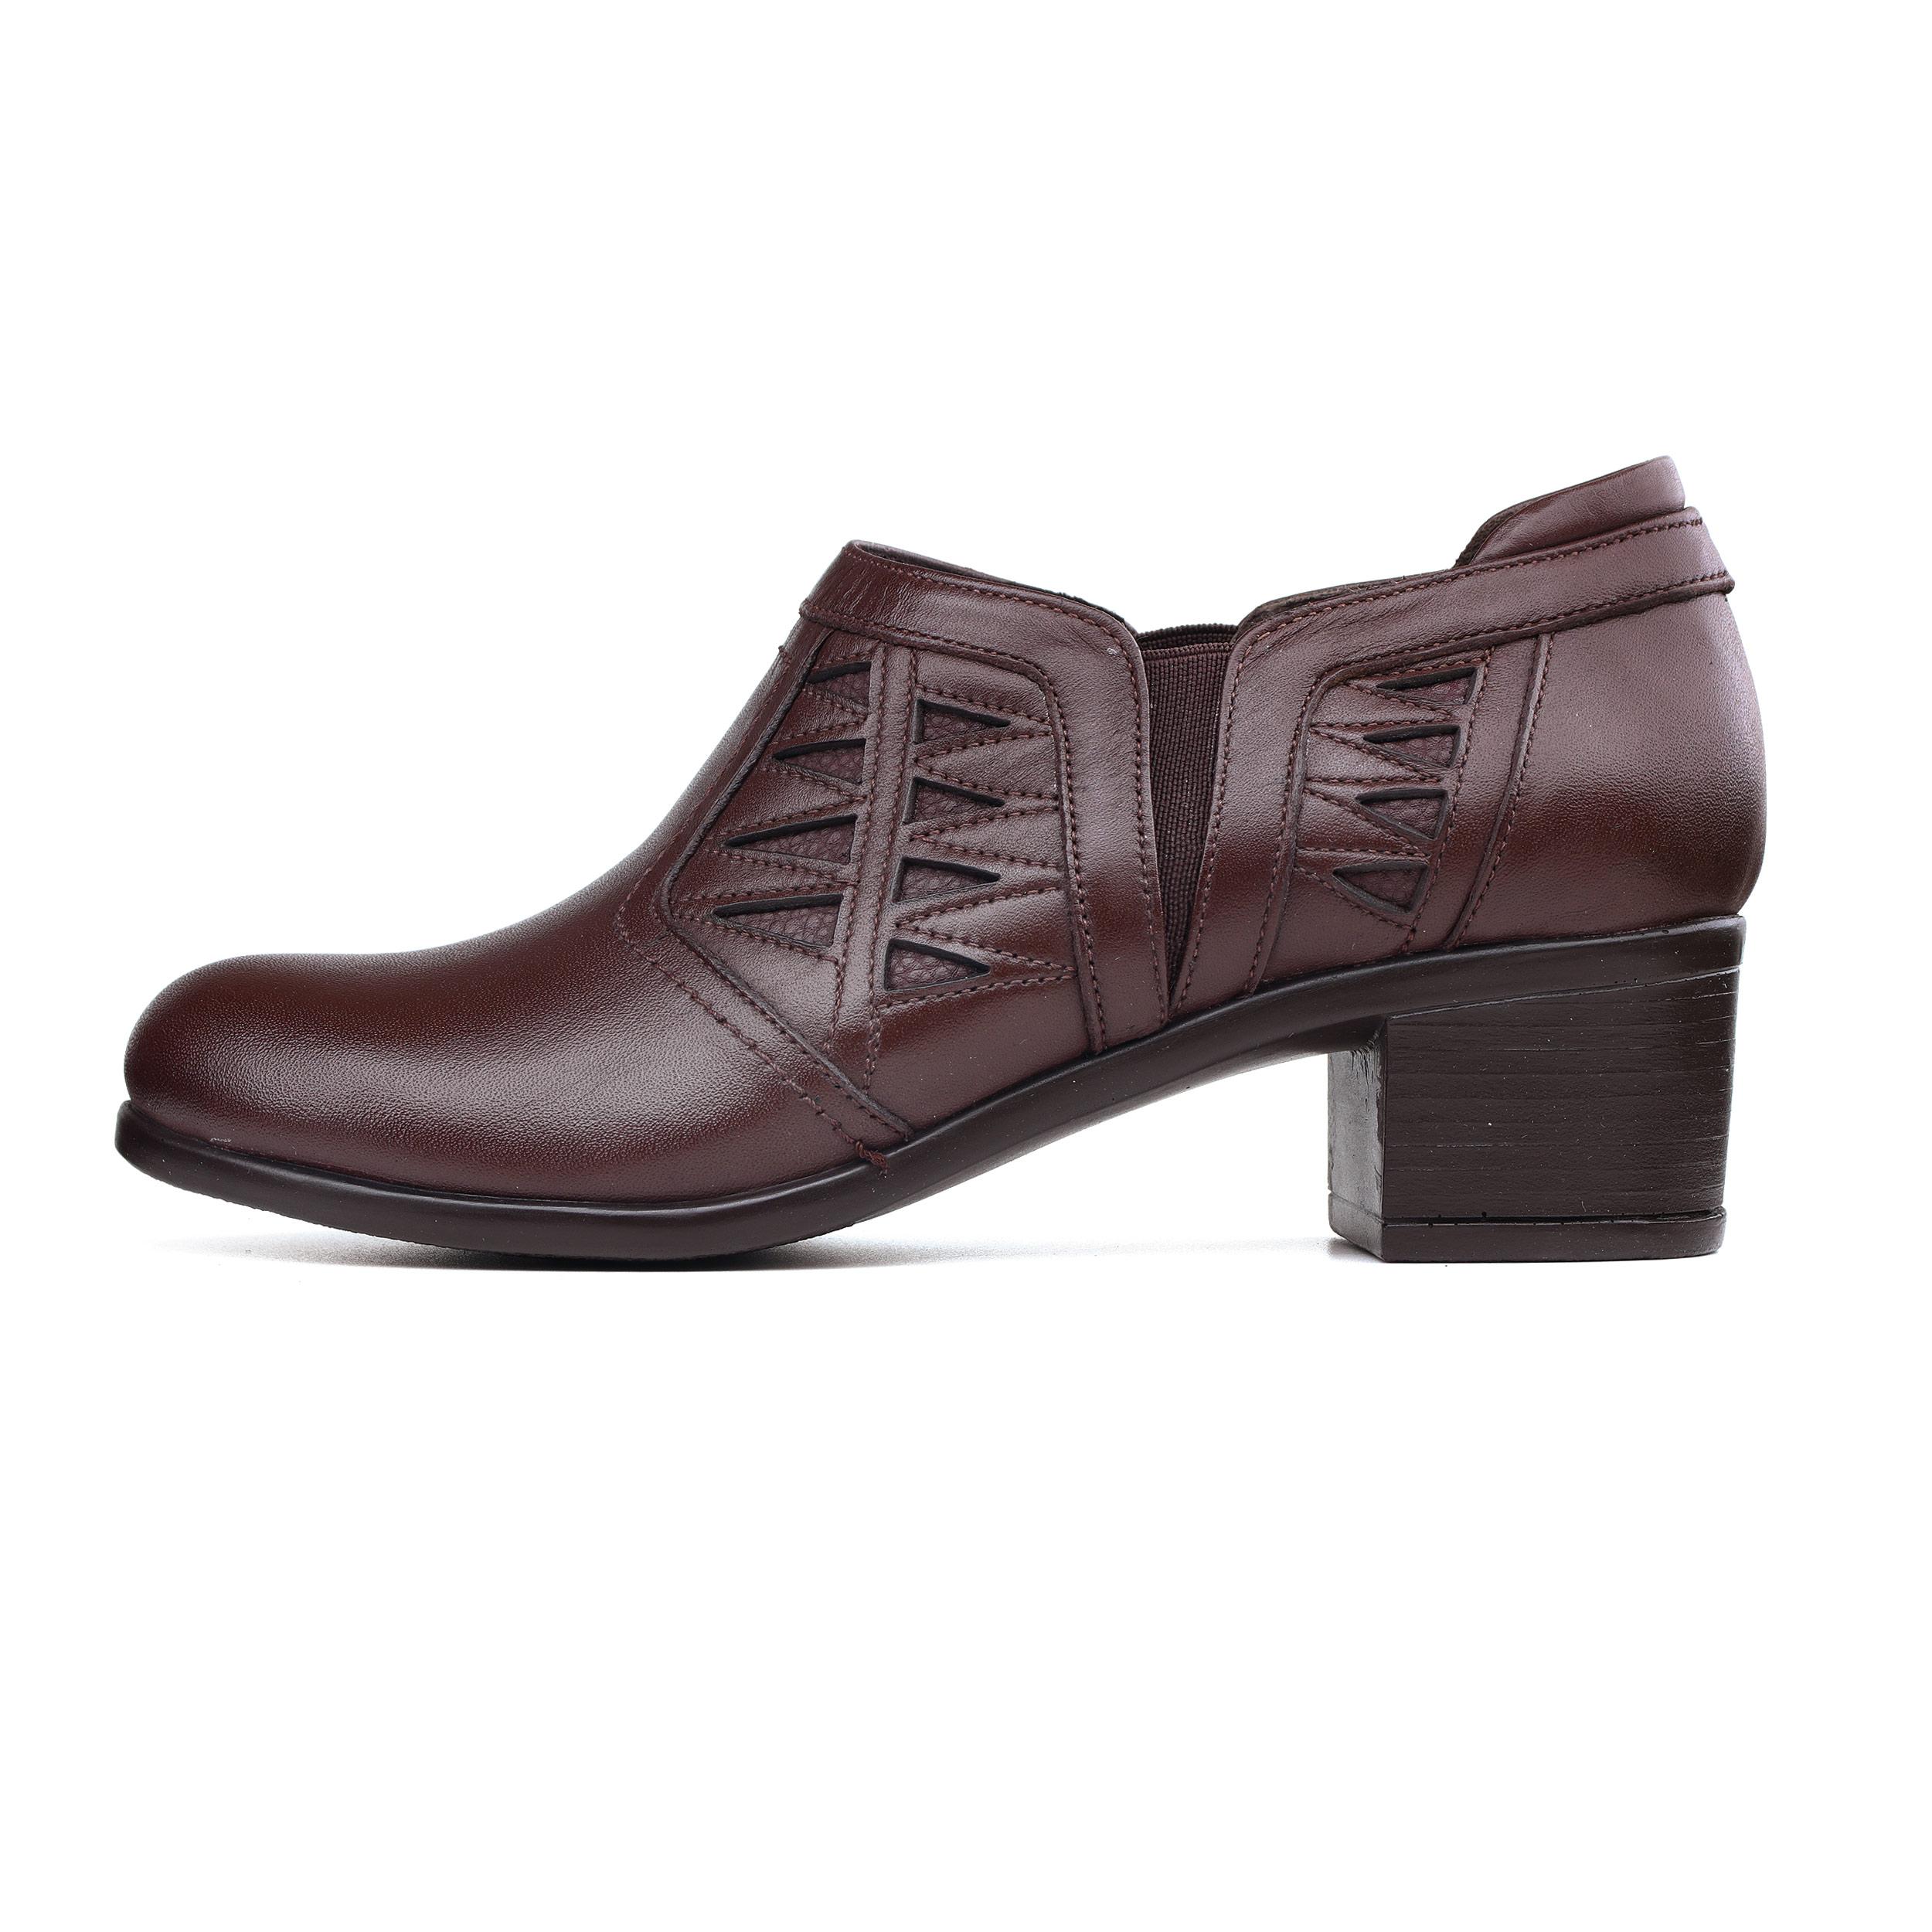 خرید                      کفش زنانه روشن کد 22